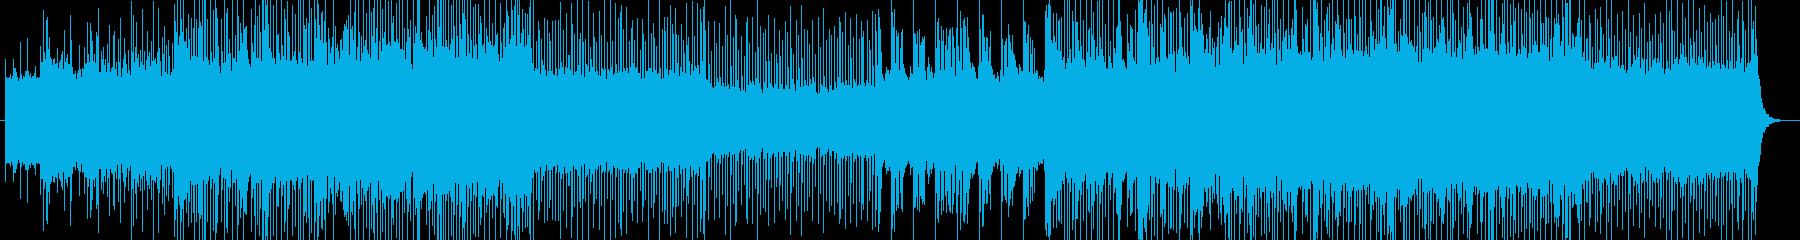 「ハード/ロック/ペイン」BGM70の再生済みの波形